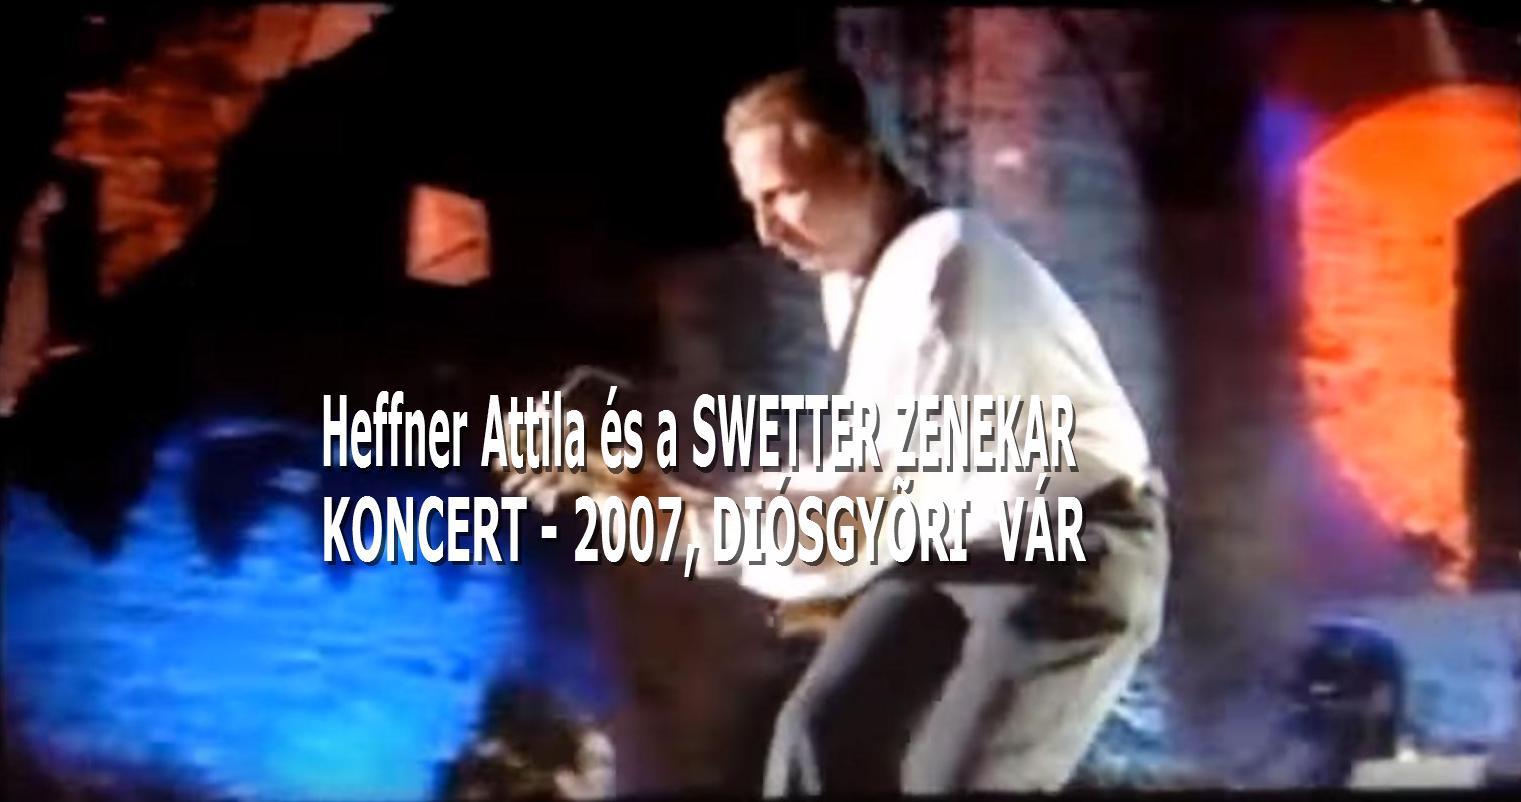 2019.01.10. Heffner Attila